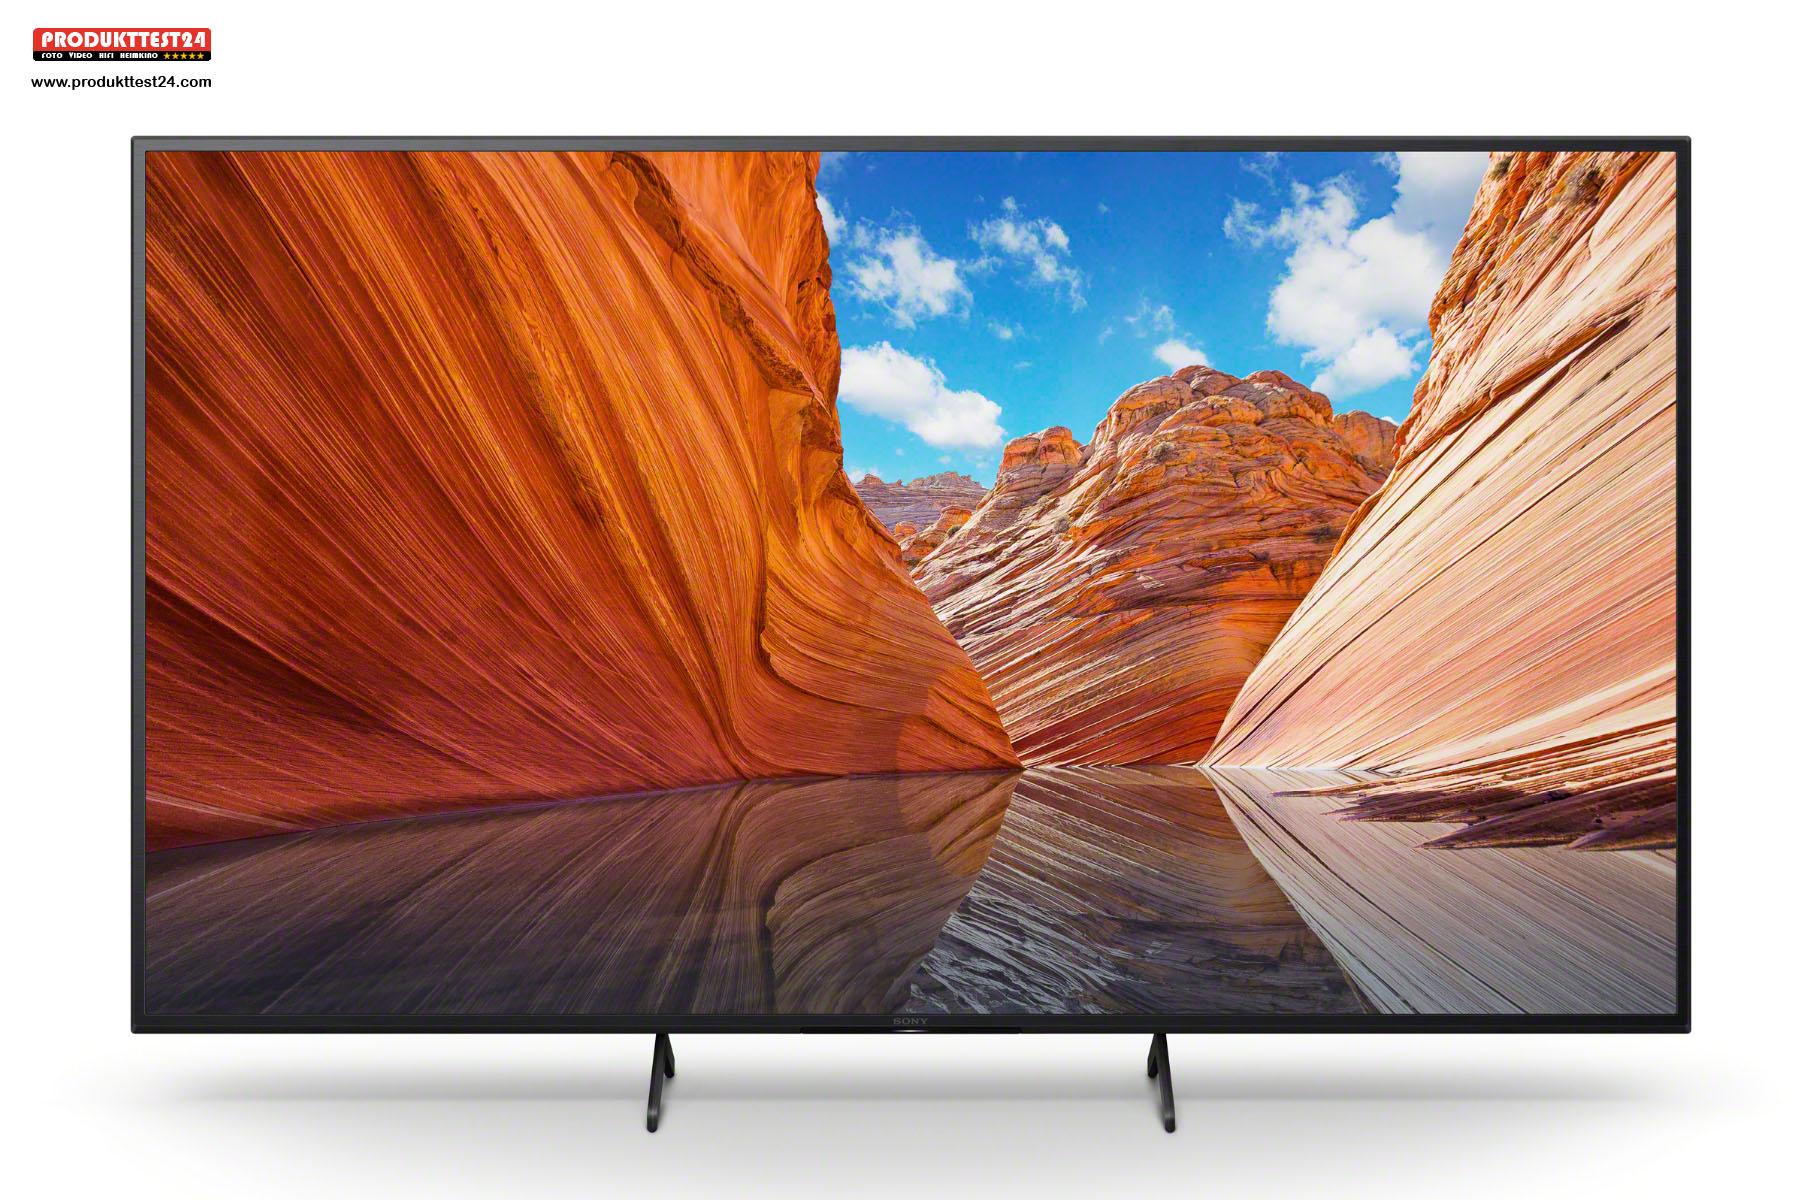 Der Sony KD-65X80J verfügt über das neue Google TV mit Sprachsteuerung.